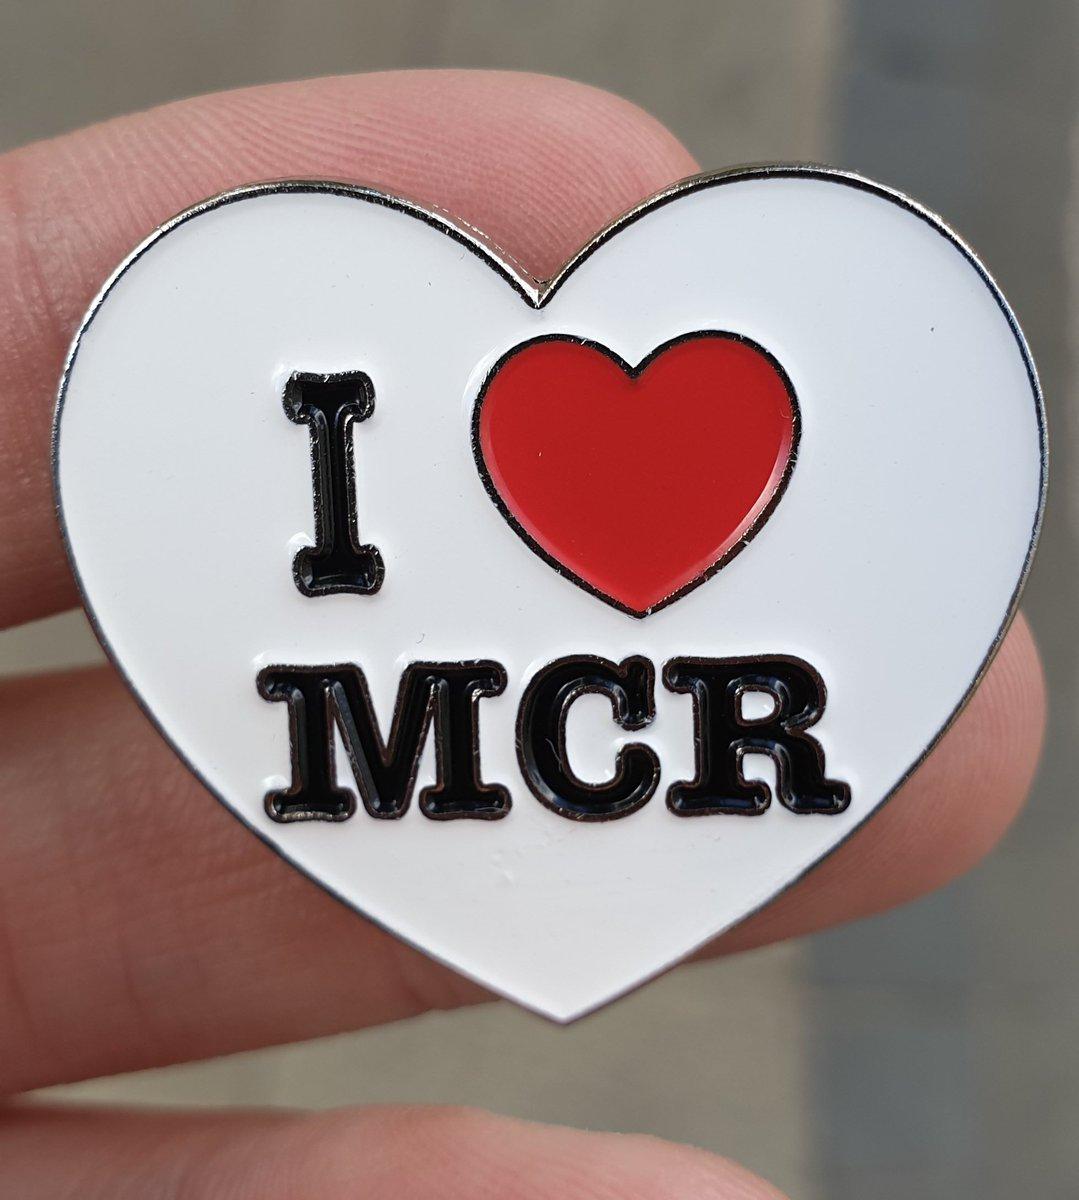 A I ❤ Manchester Pin. #freestuffmanchester #freestuff